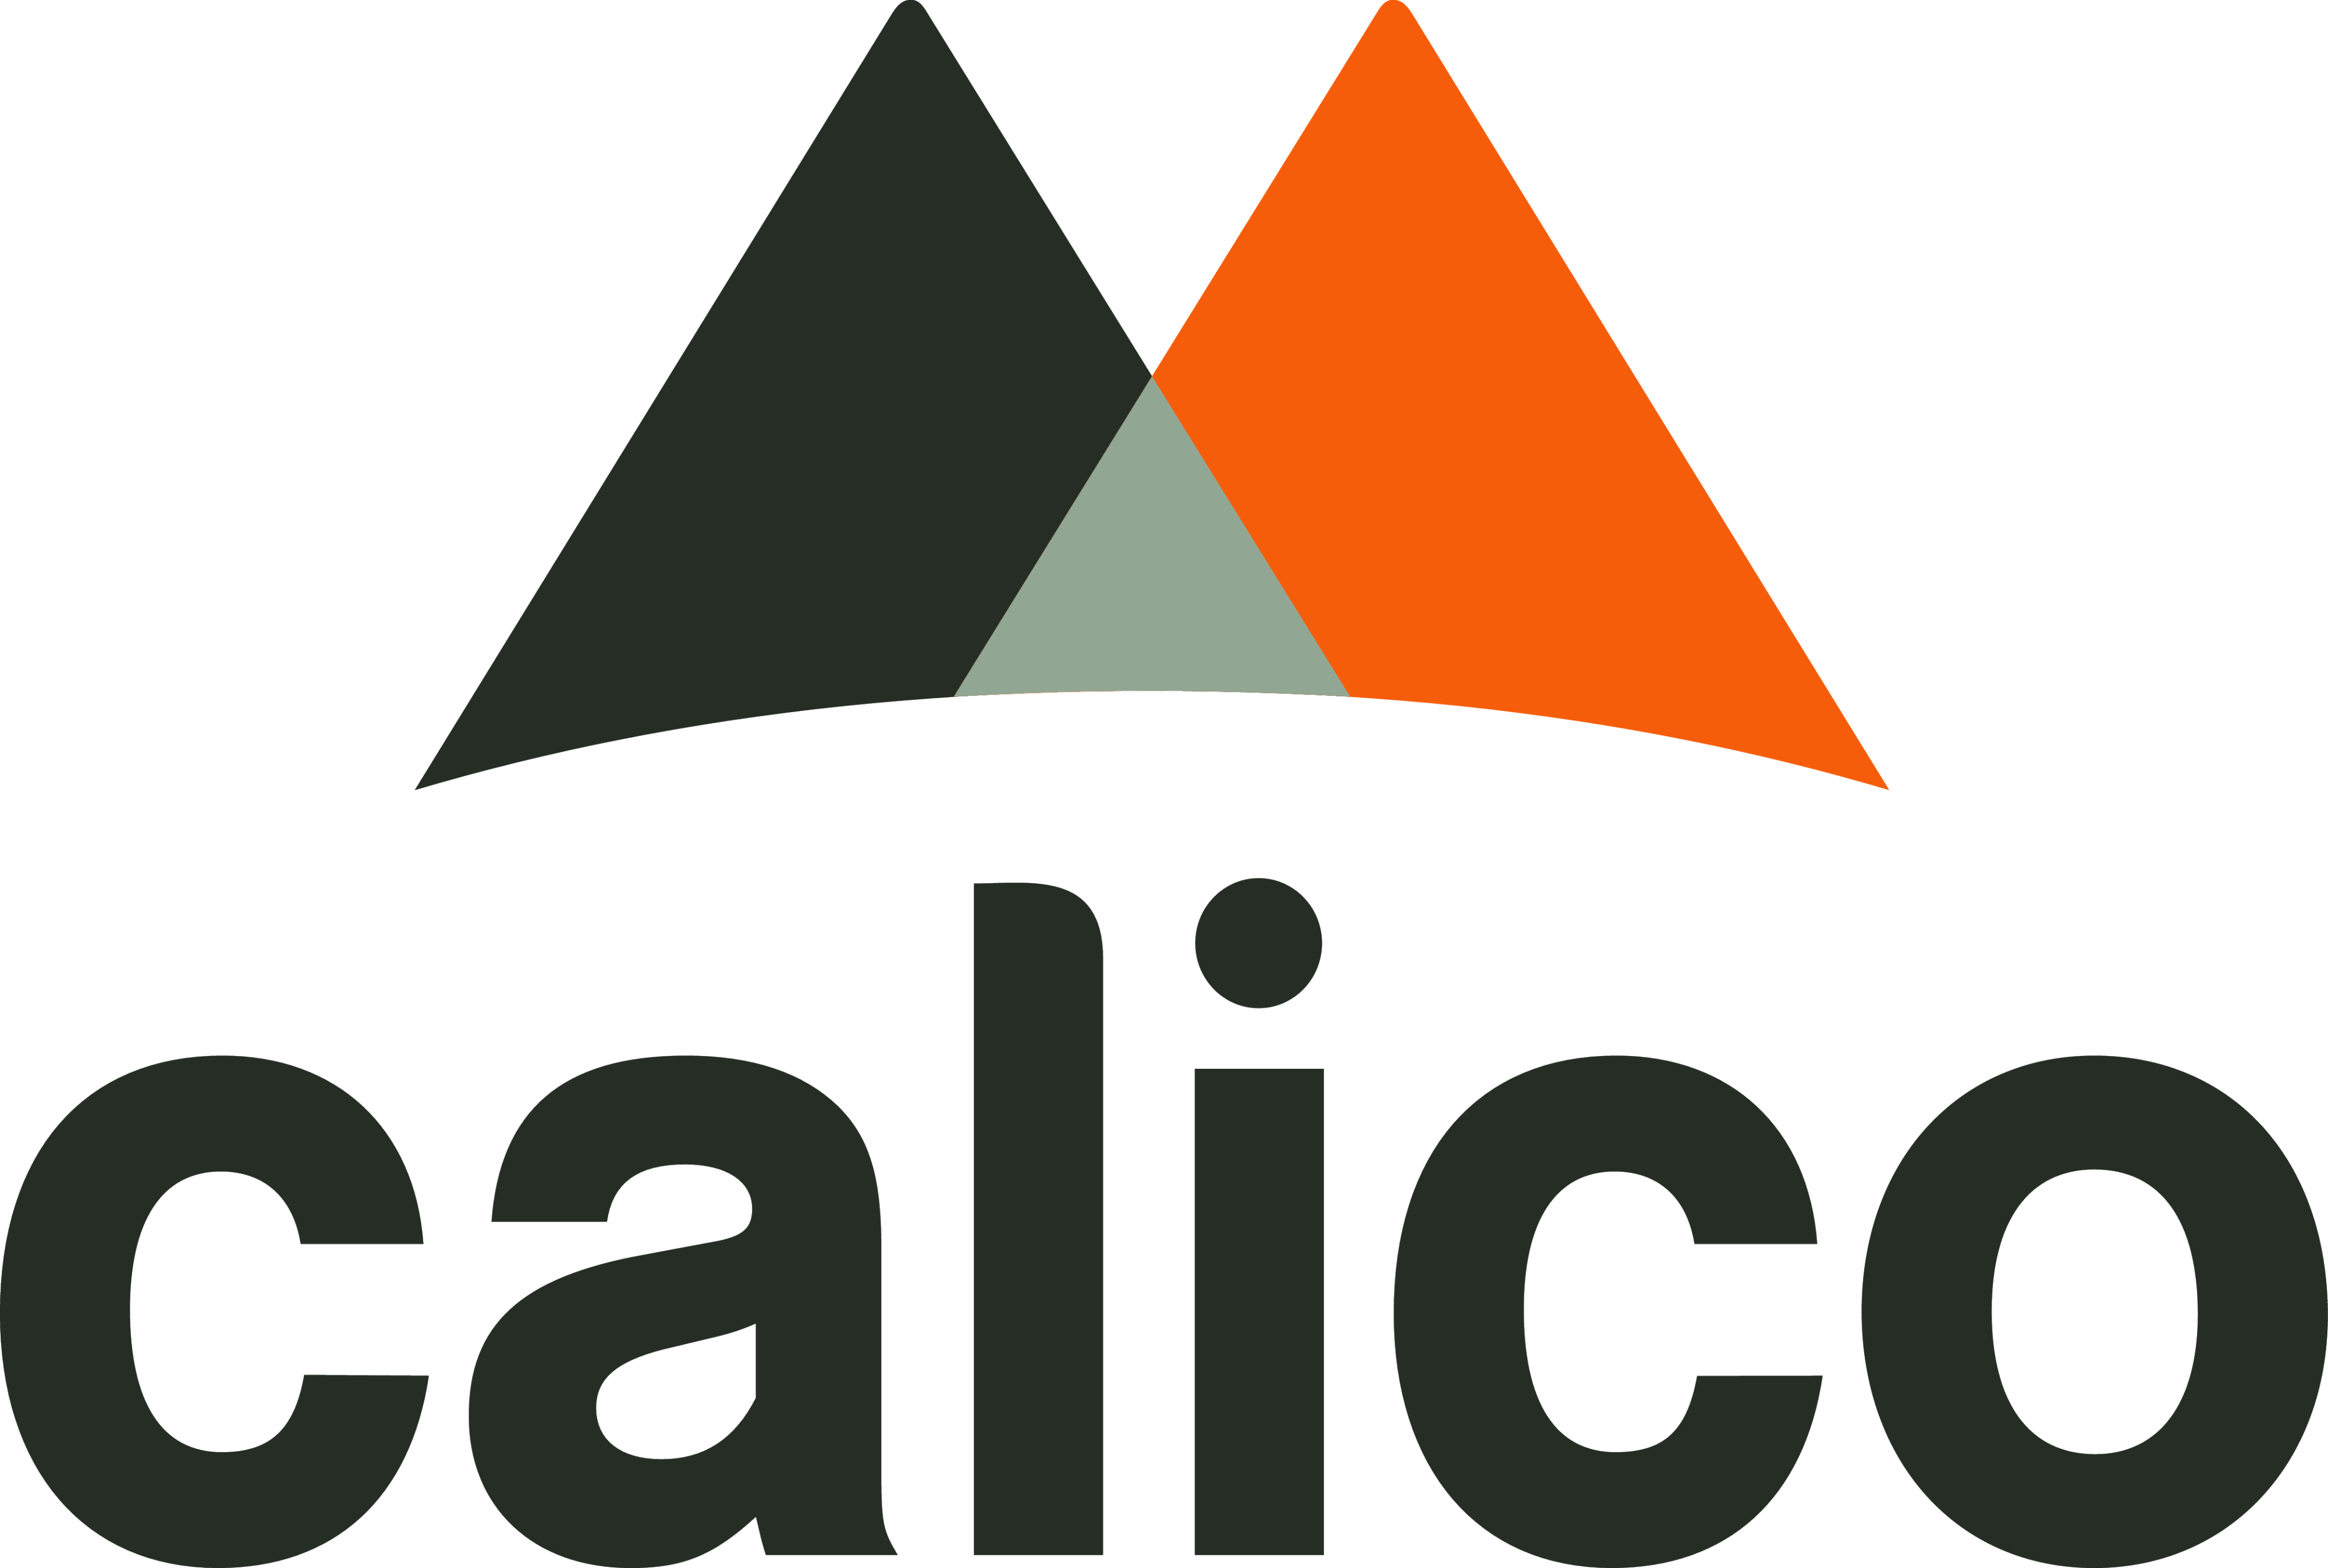 Calico Logo